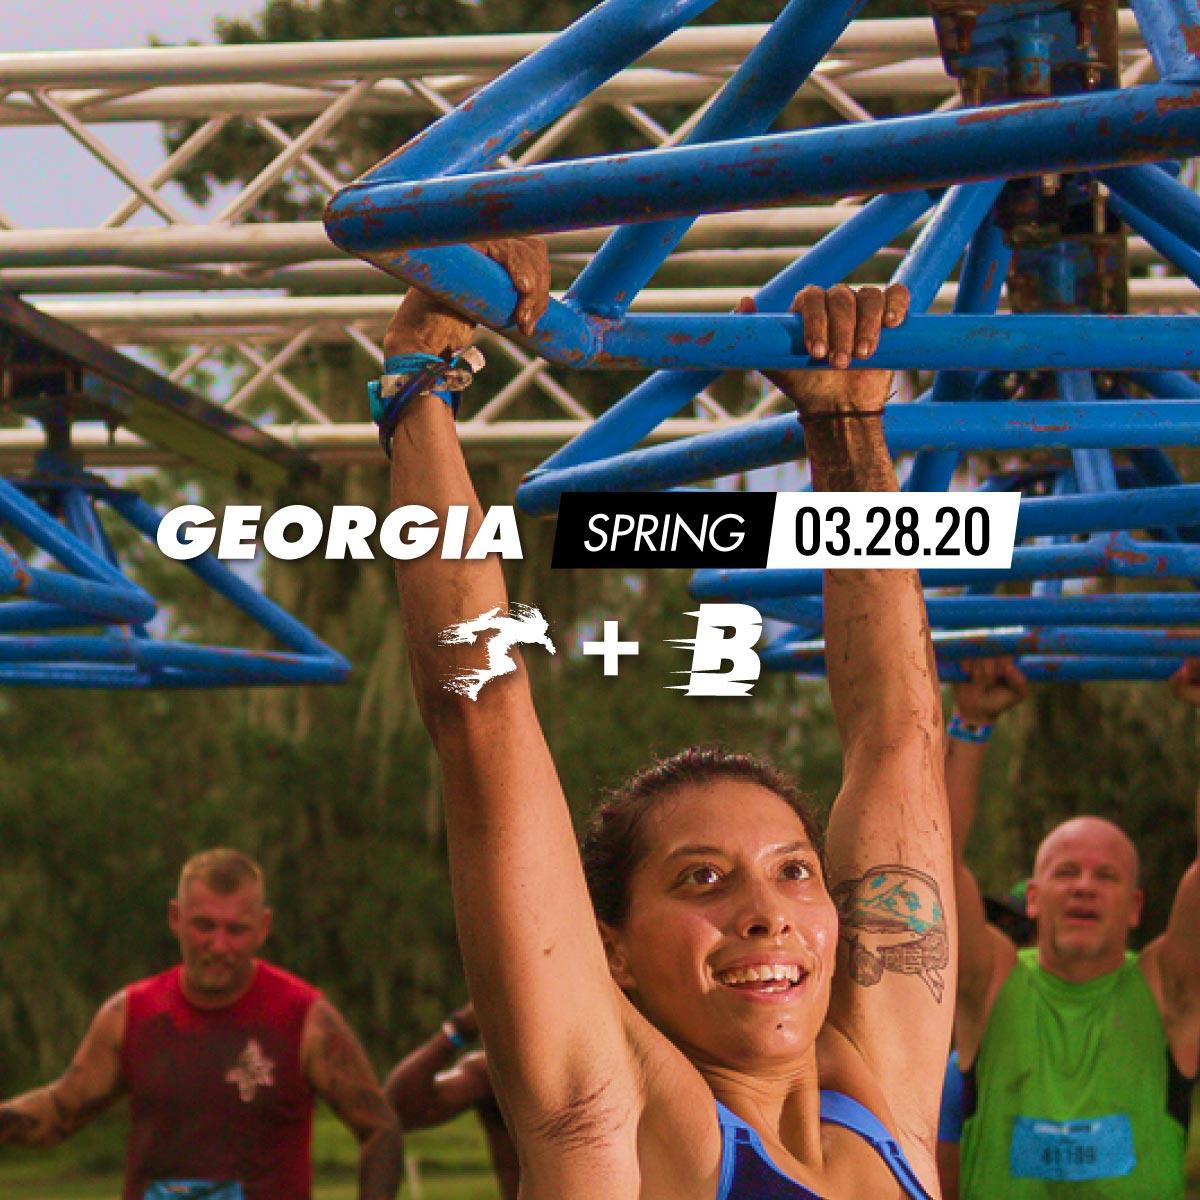 Spectator Pass - Savage Race Georgia Spring 2020